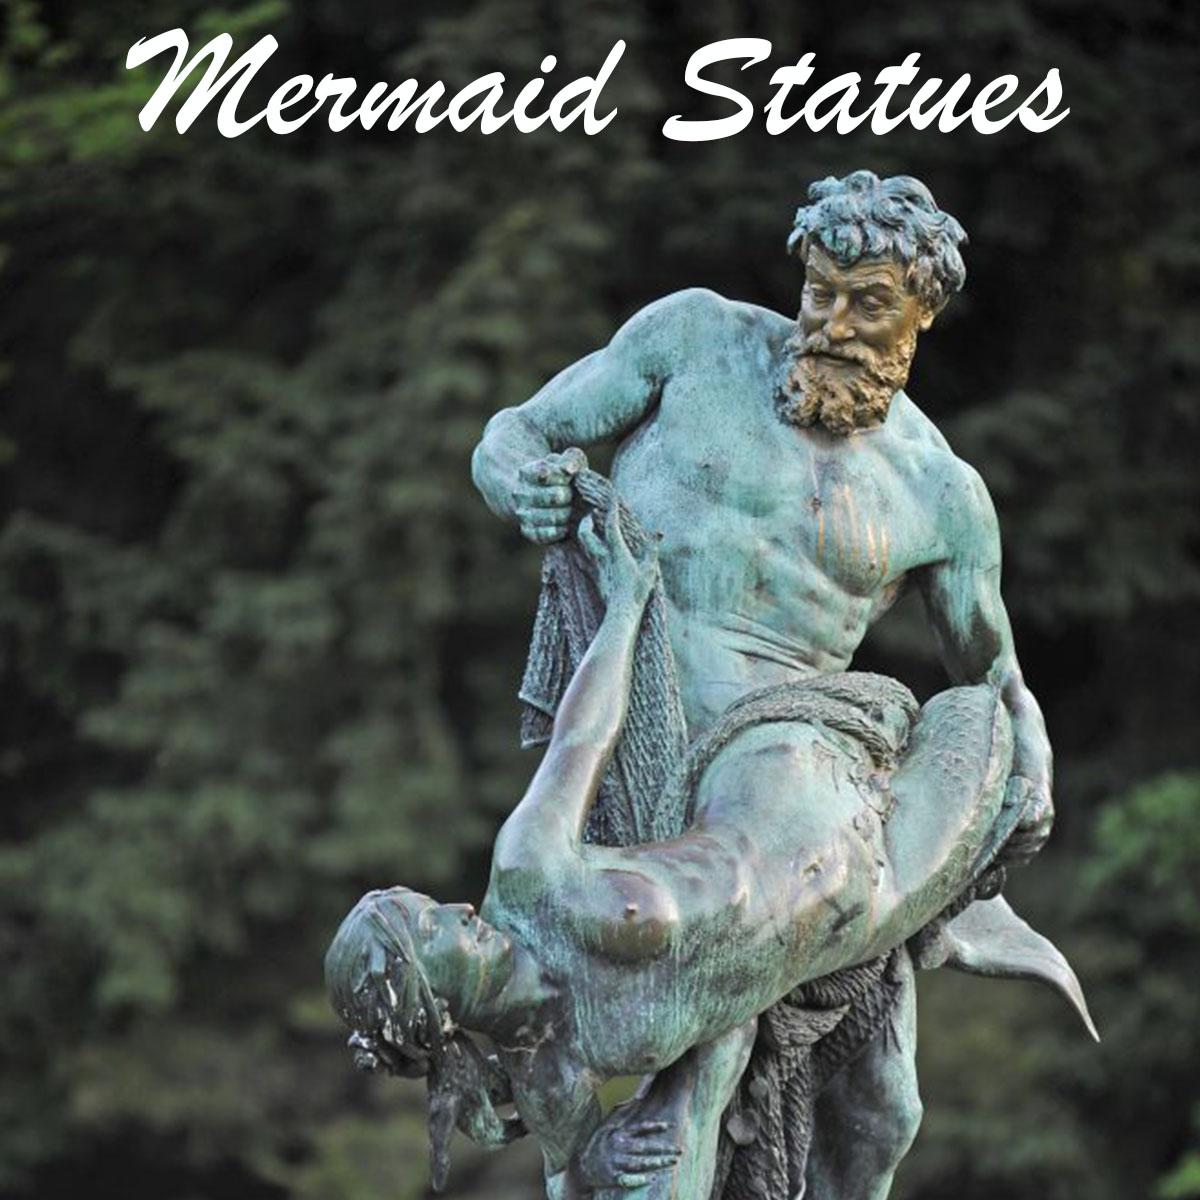 Mermaid Statues